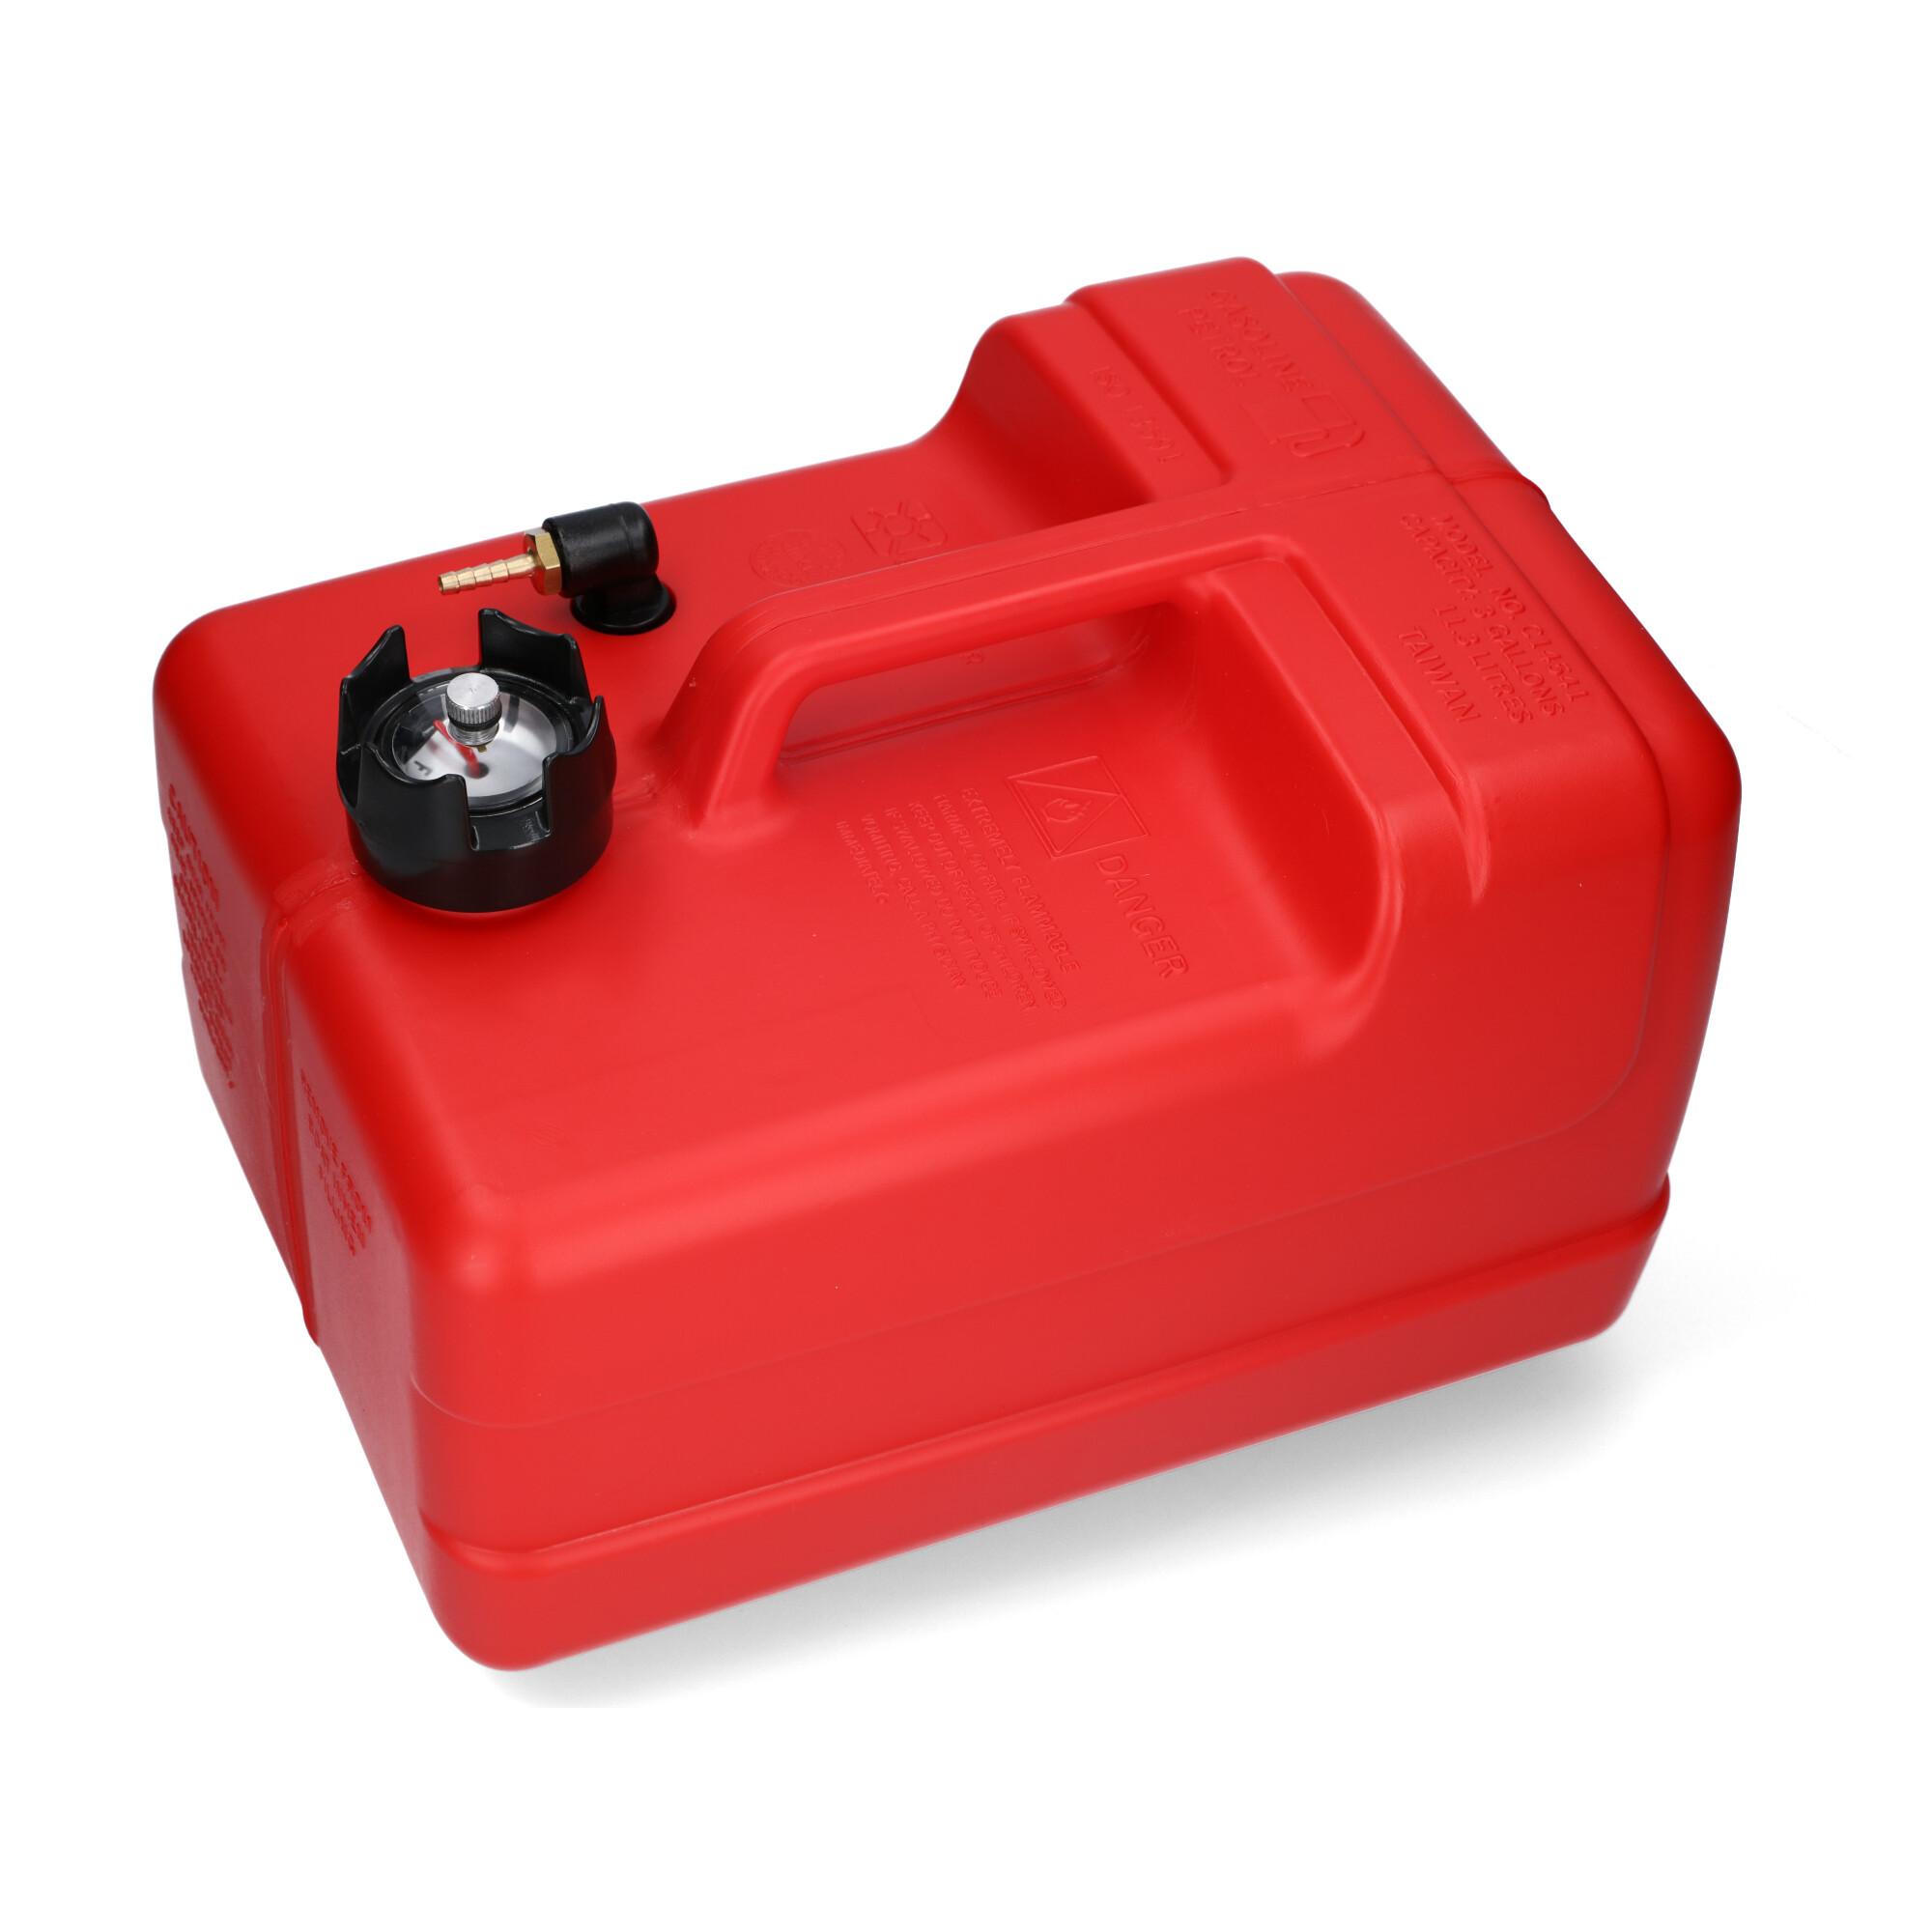 Tankanzeige für 11,3 L Tank Anzeige Tankuhr Kraftstofftank Benzintank